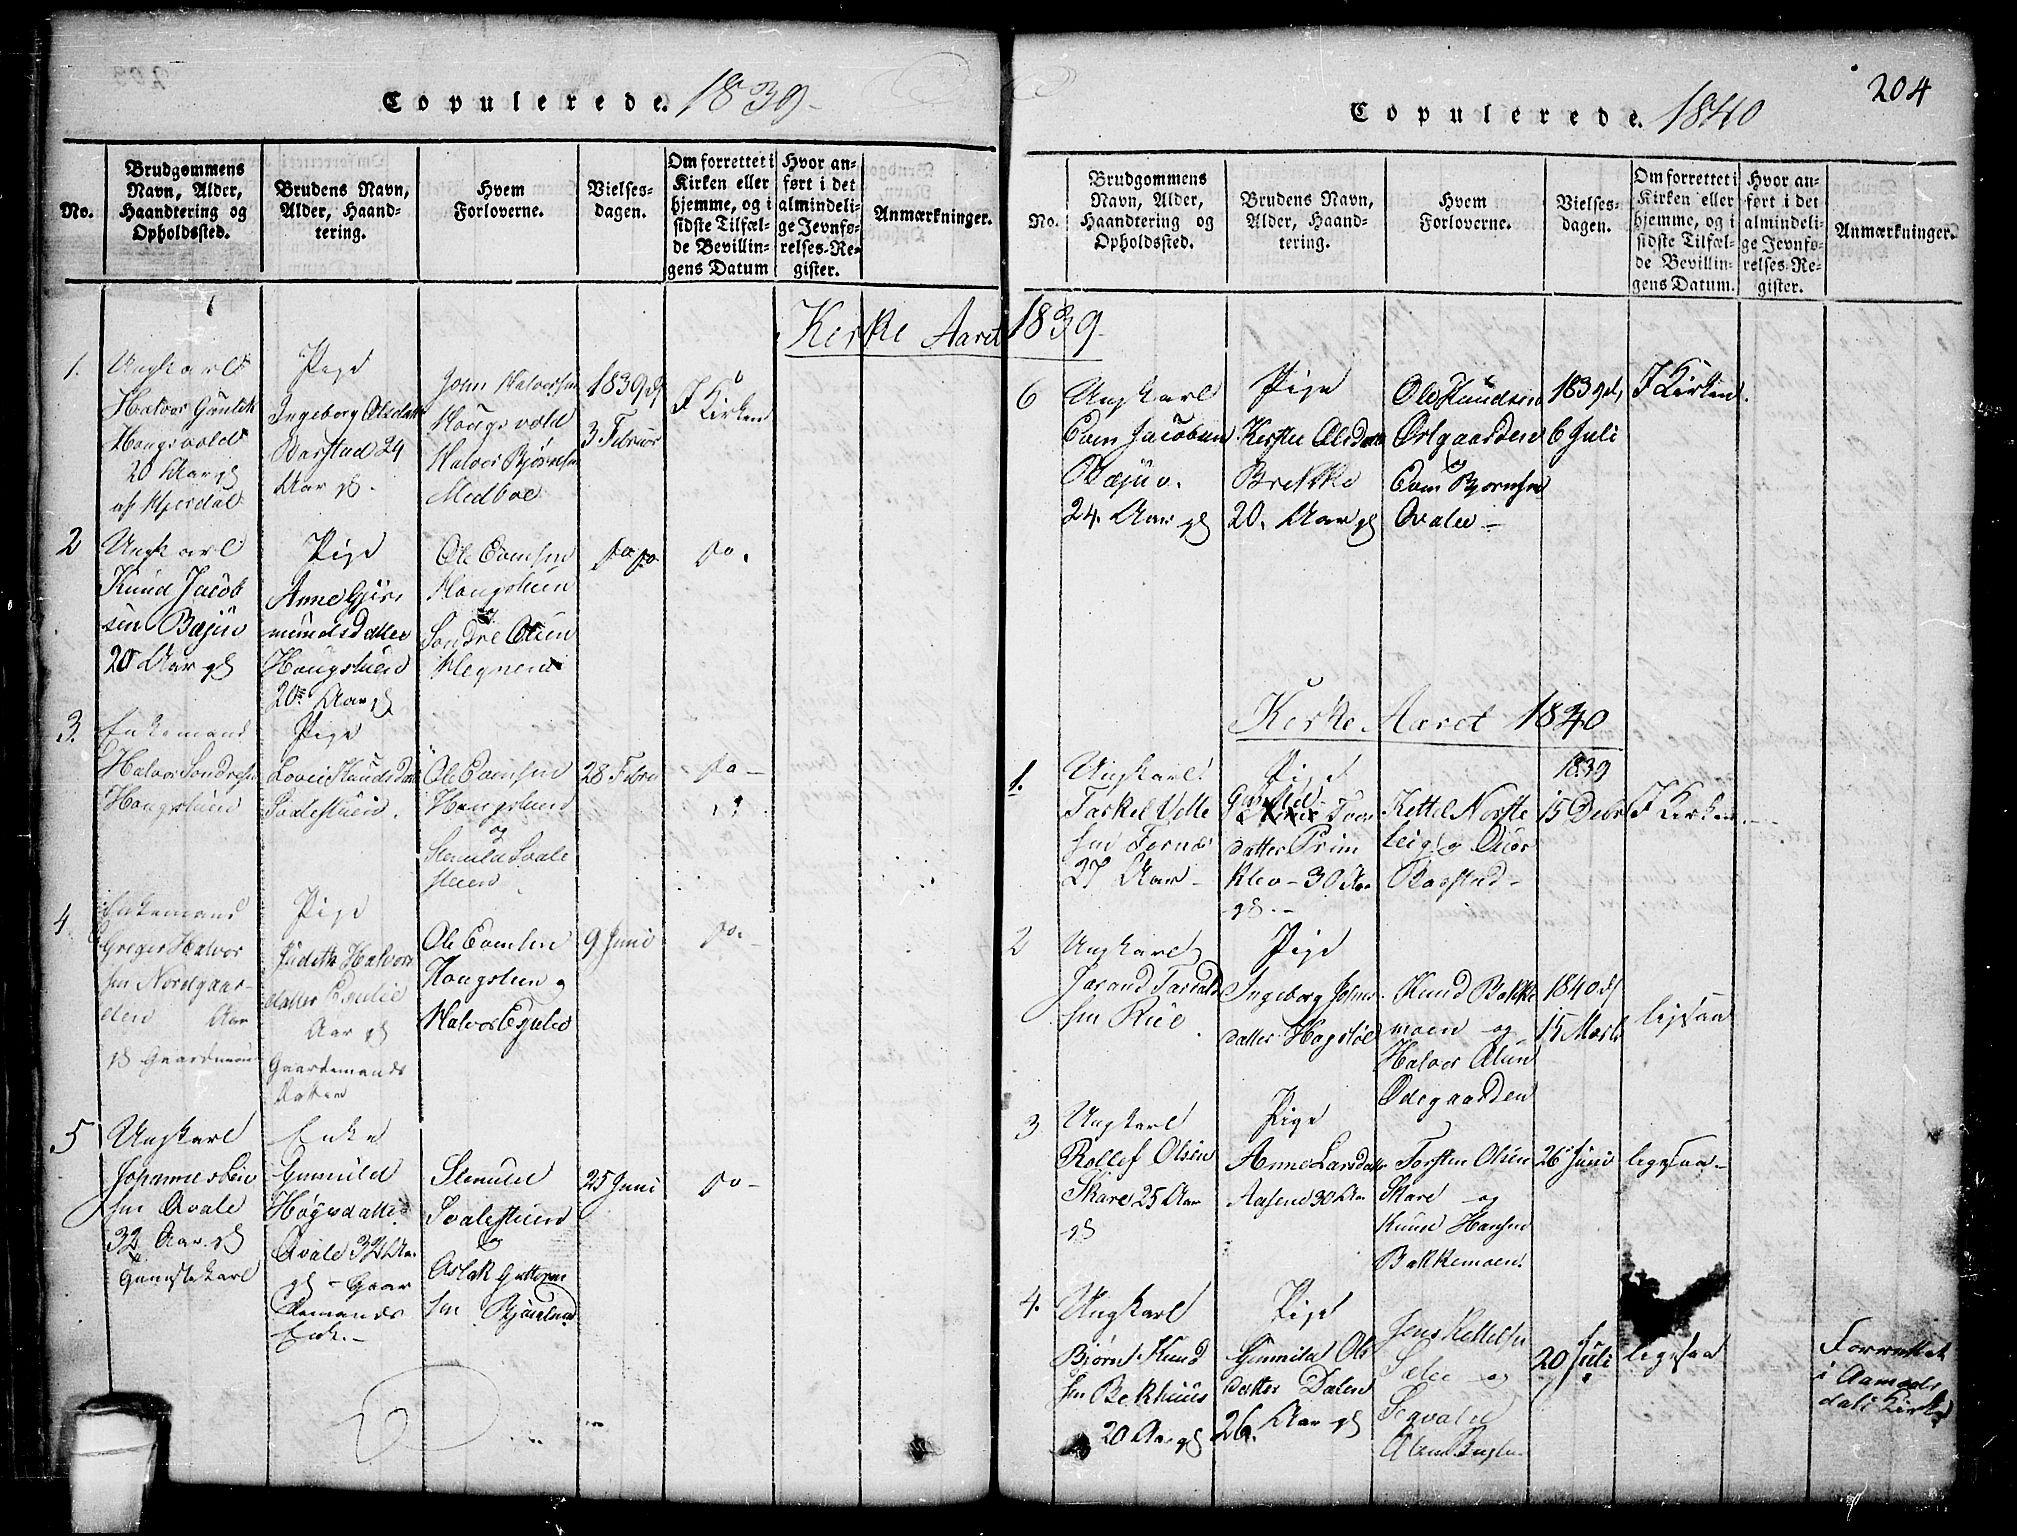 SAKO, Seljord kirkebøker, G/Gb/L0002: Klokkerbok nr. II 2, 1815-1854, s. 204